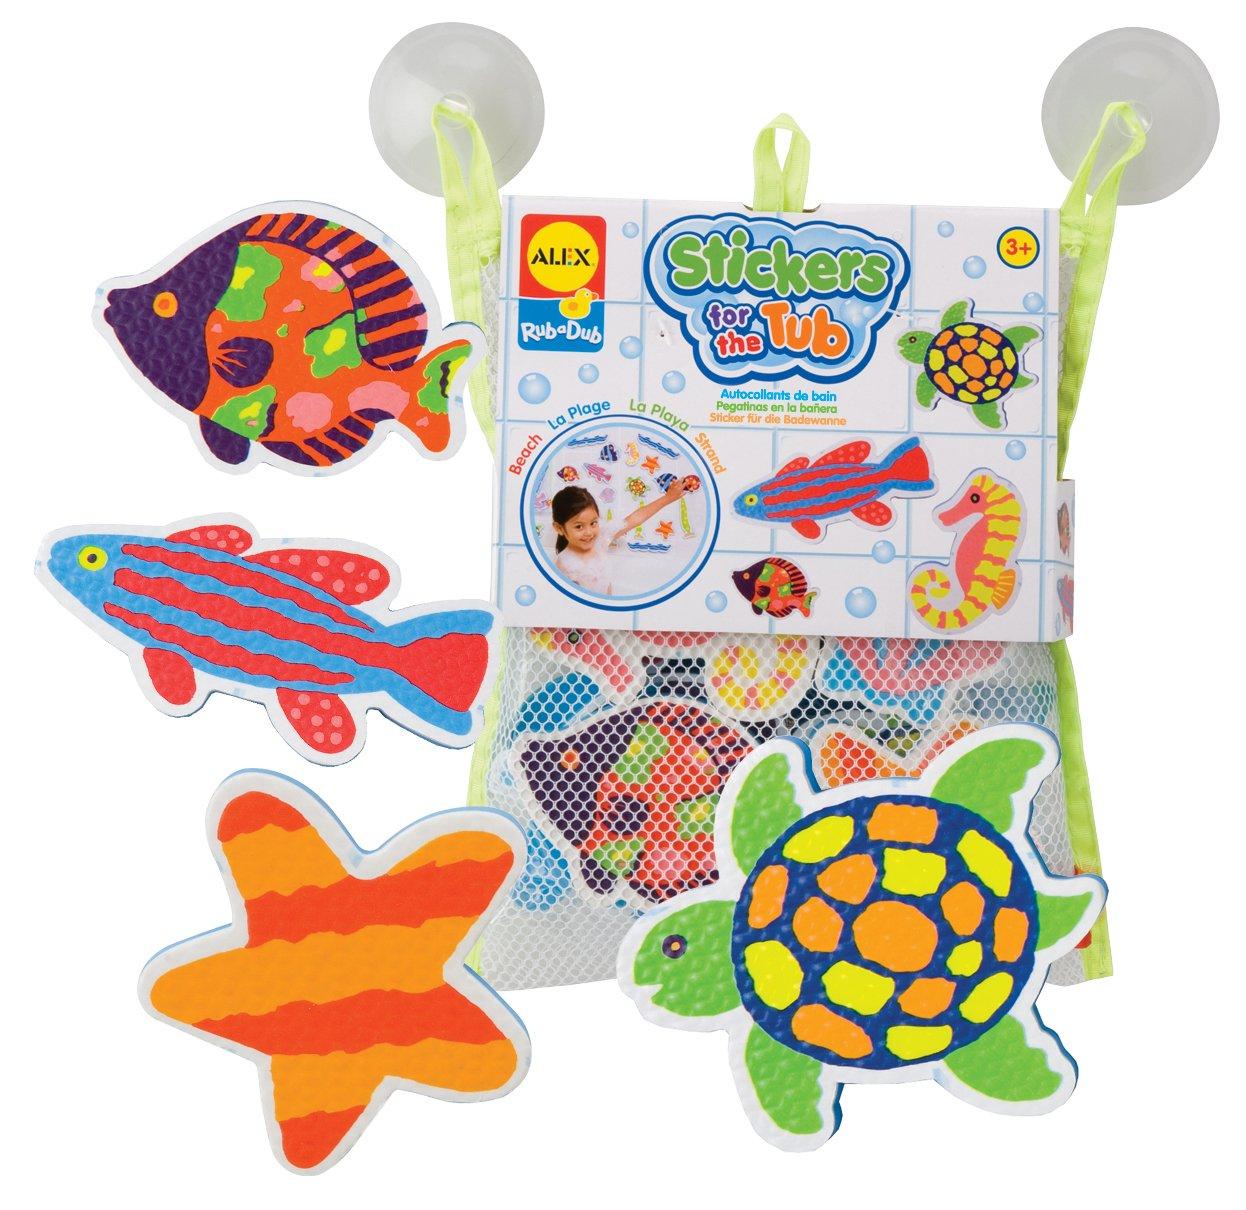 ALEX Toys - Pegatinas para el baño con tema de la playa (633W) Cuckoo